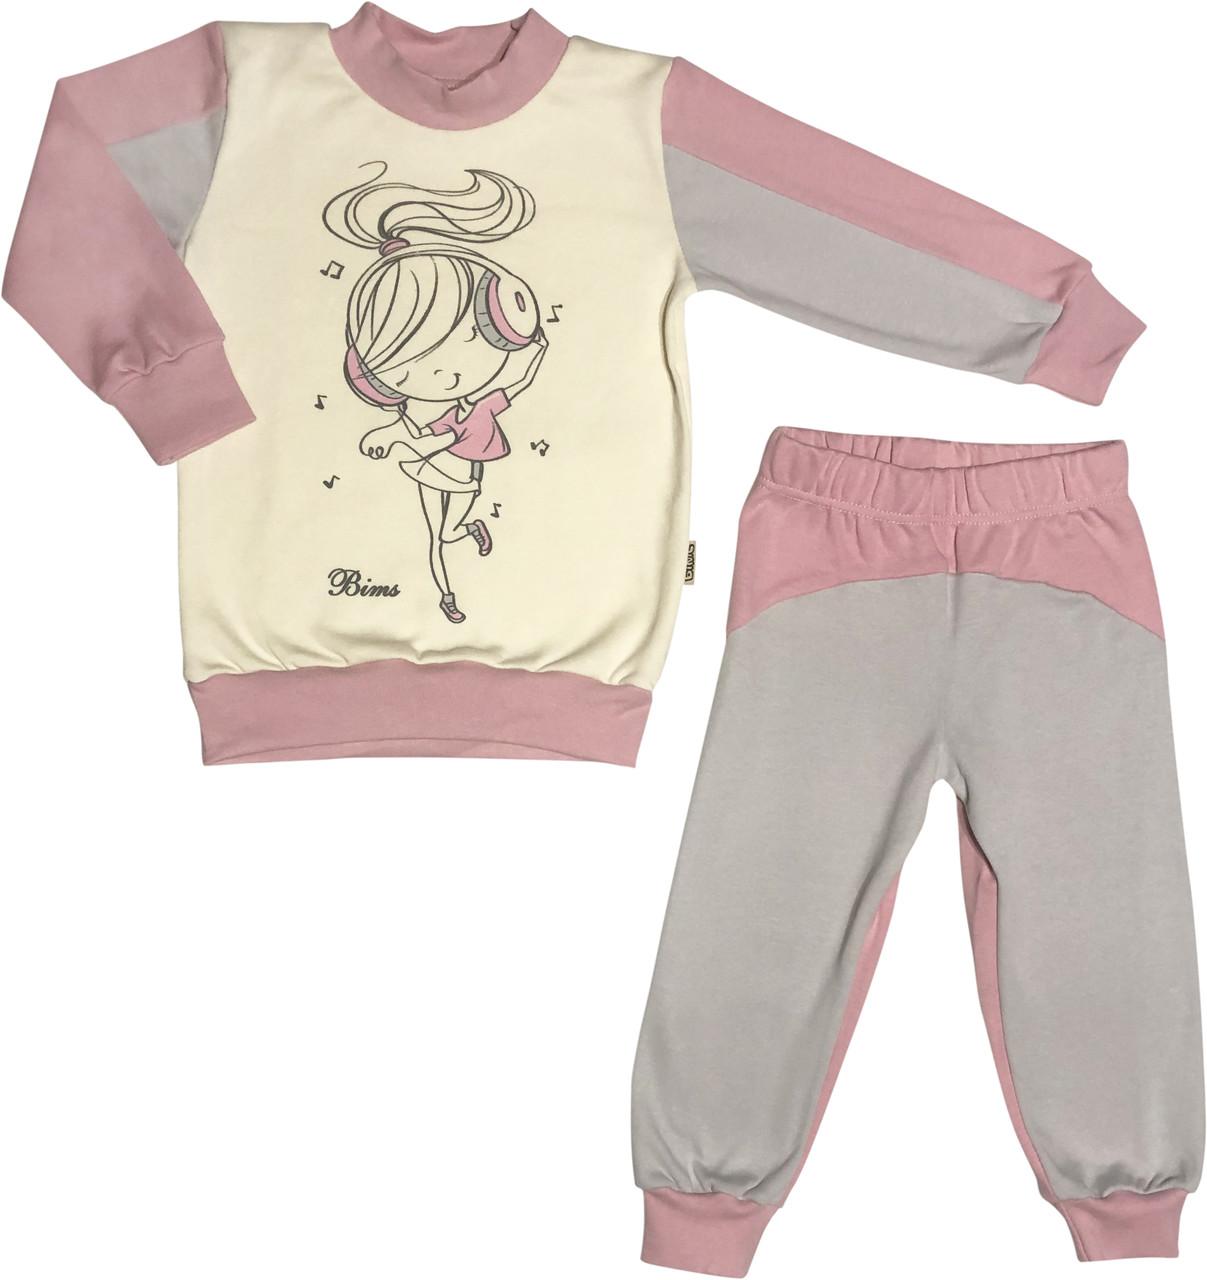 Дитяча піжама з начосом зростання 110 4 роки-5 років інтерлок рожевий на дівчинку для дітей Д-886